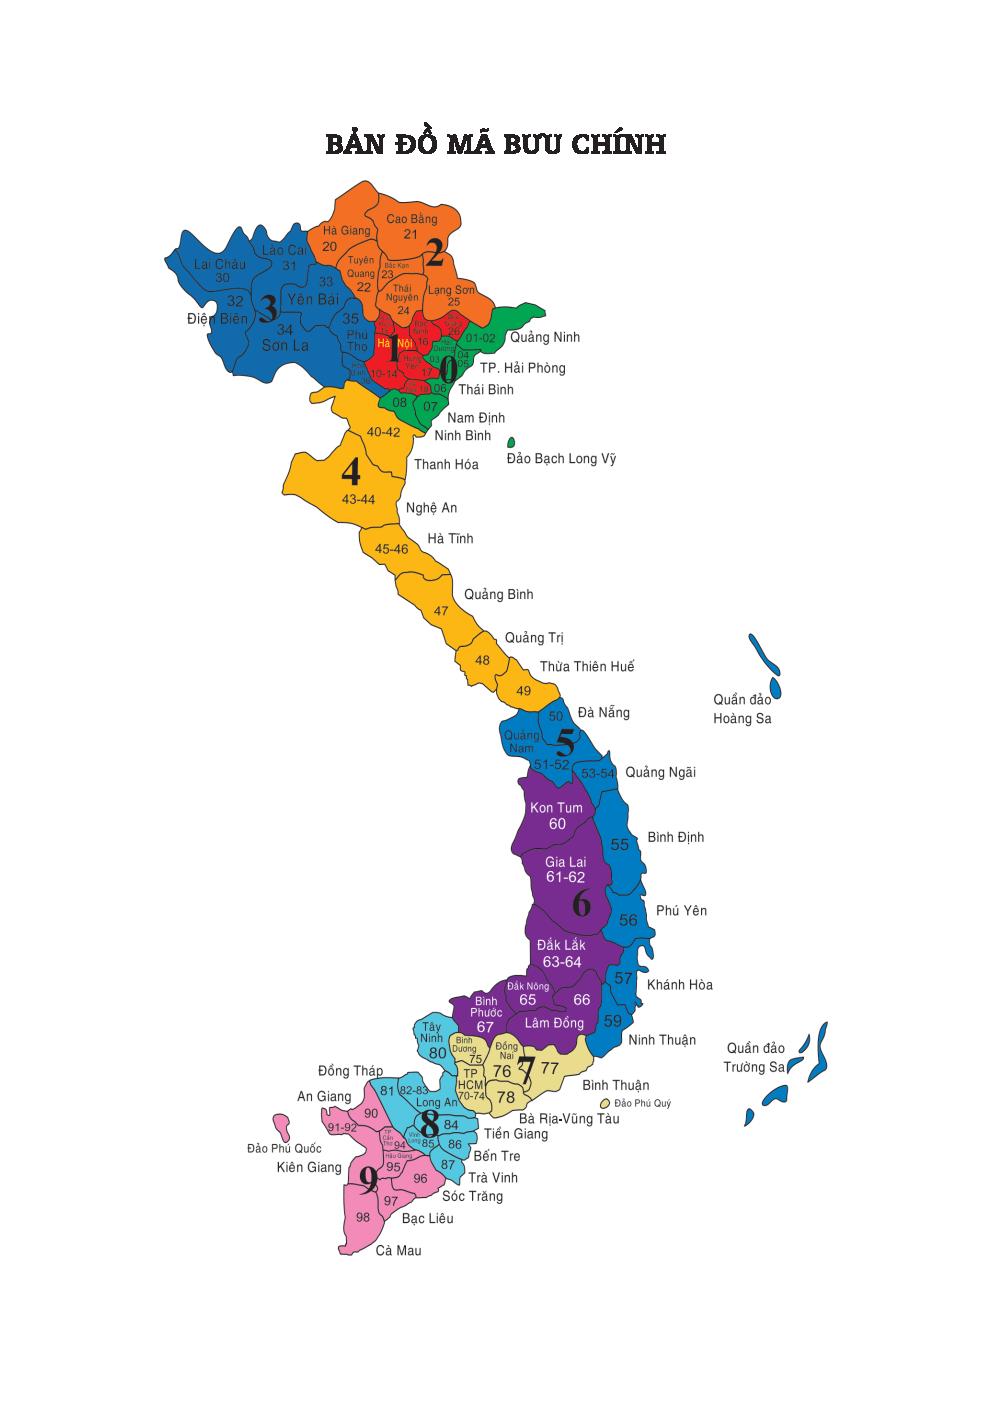 Bản đồ mã bưu chính việt nam 63 tỉnh thành